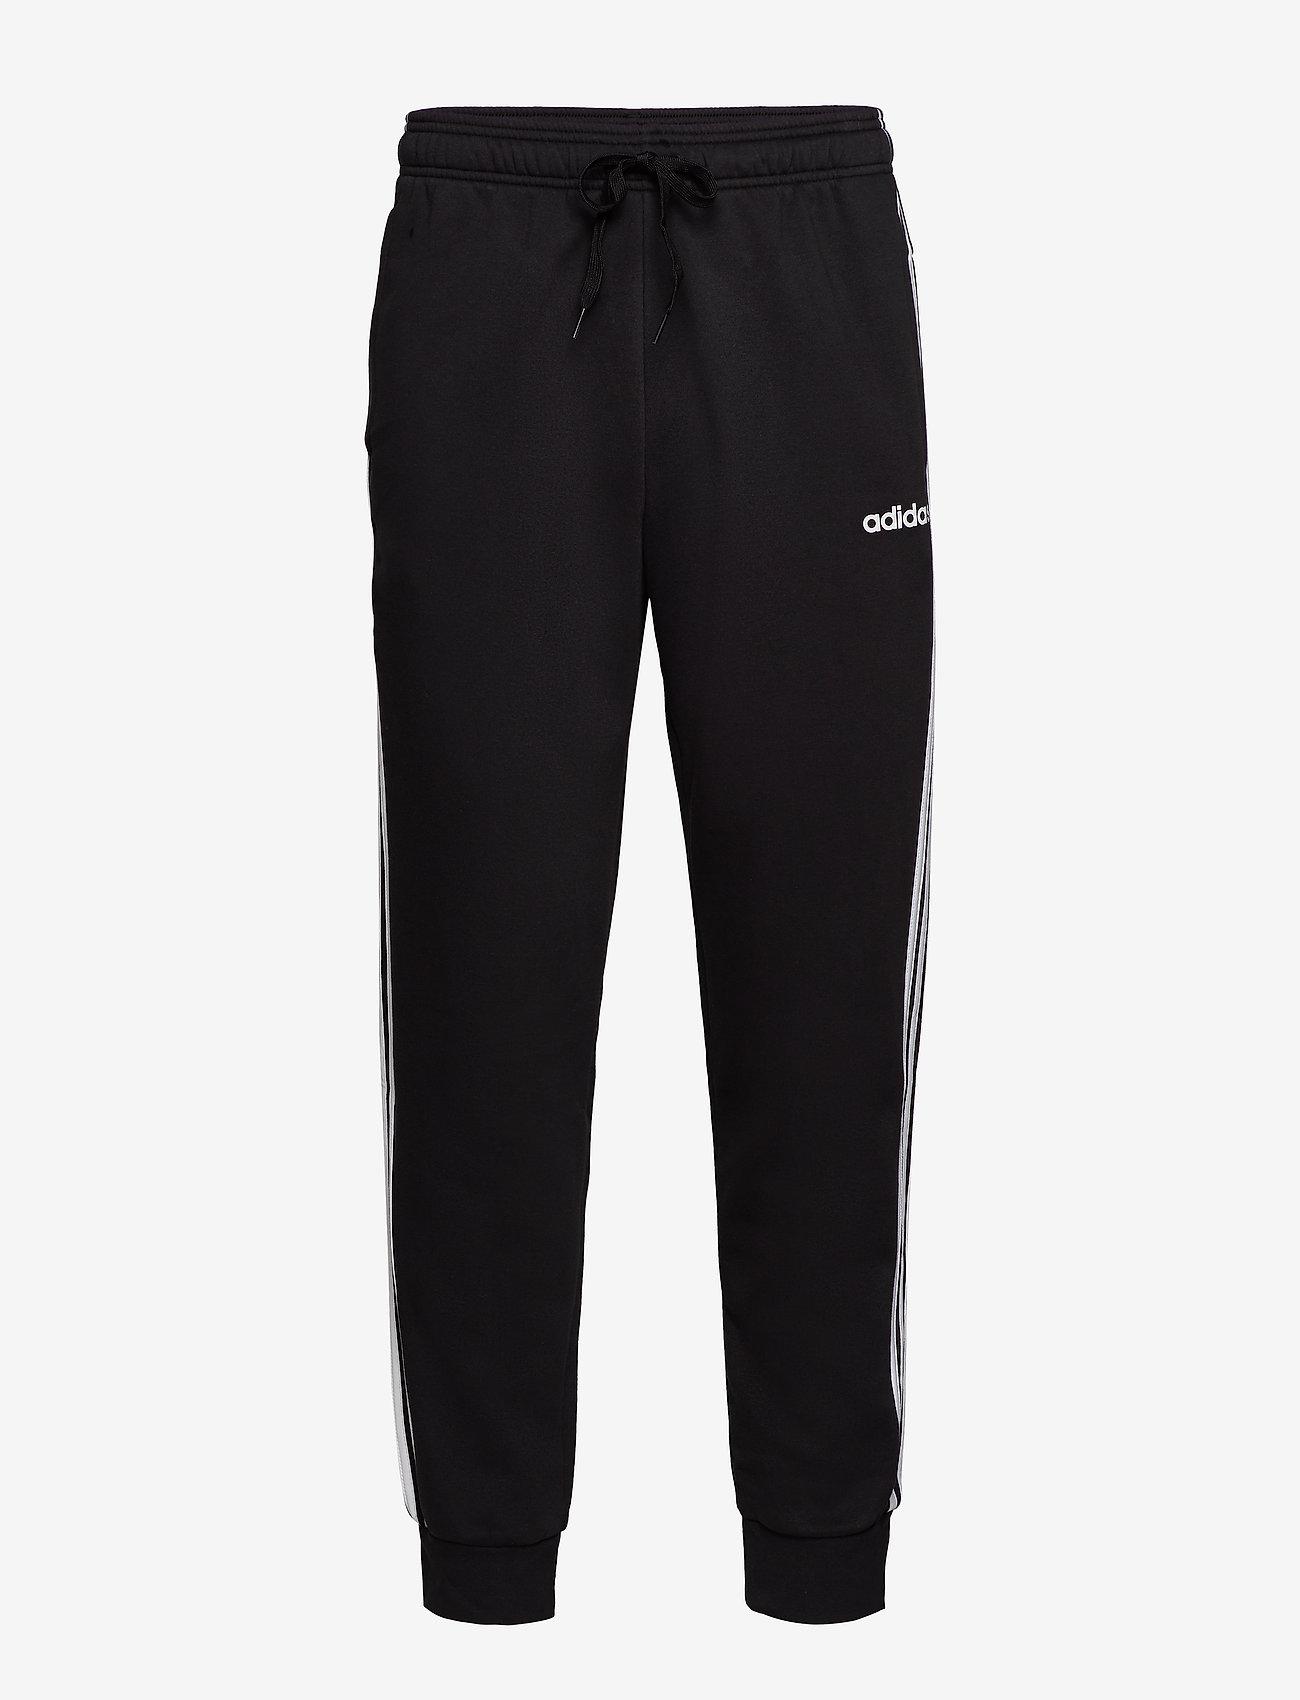 adidas Performance - E 3S T PNT FL - pants - black/white - 1